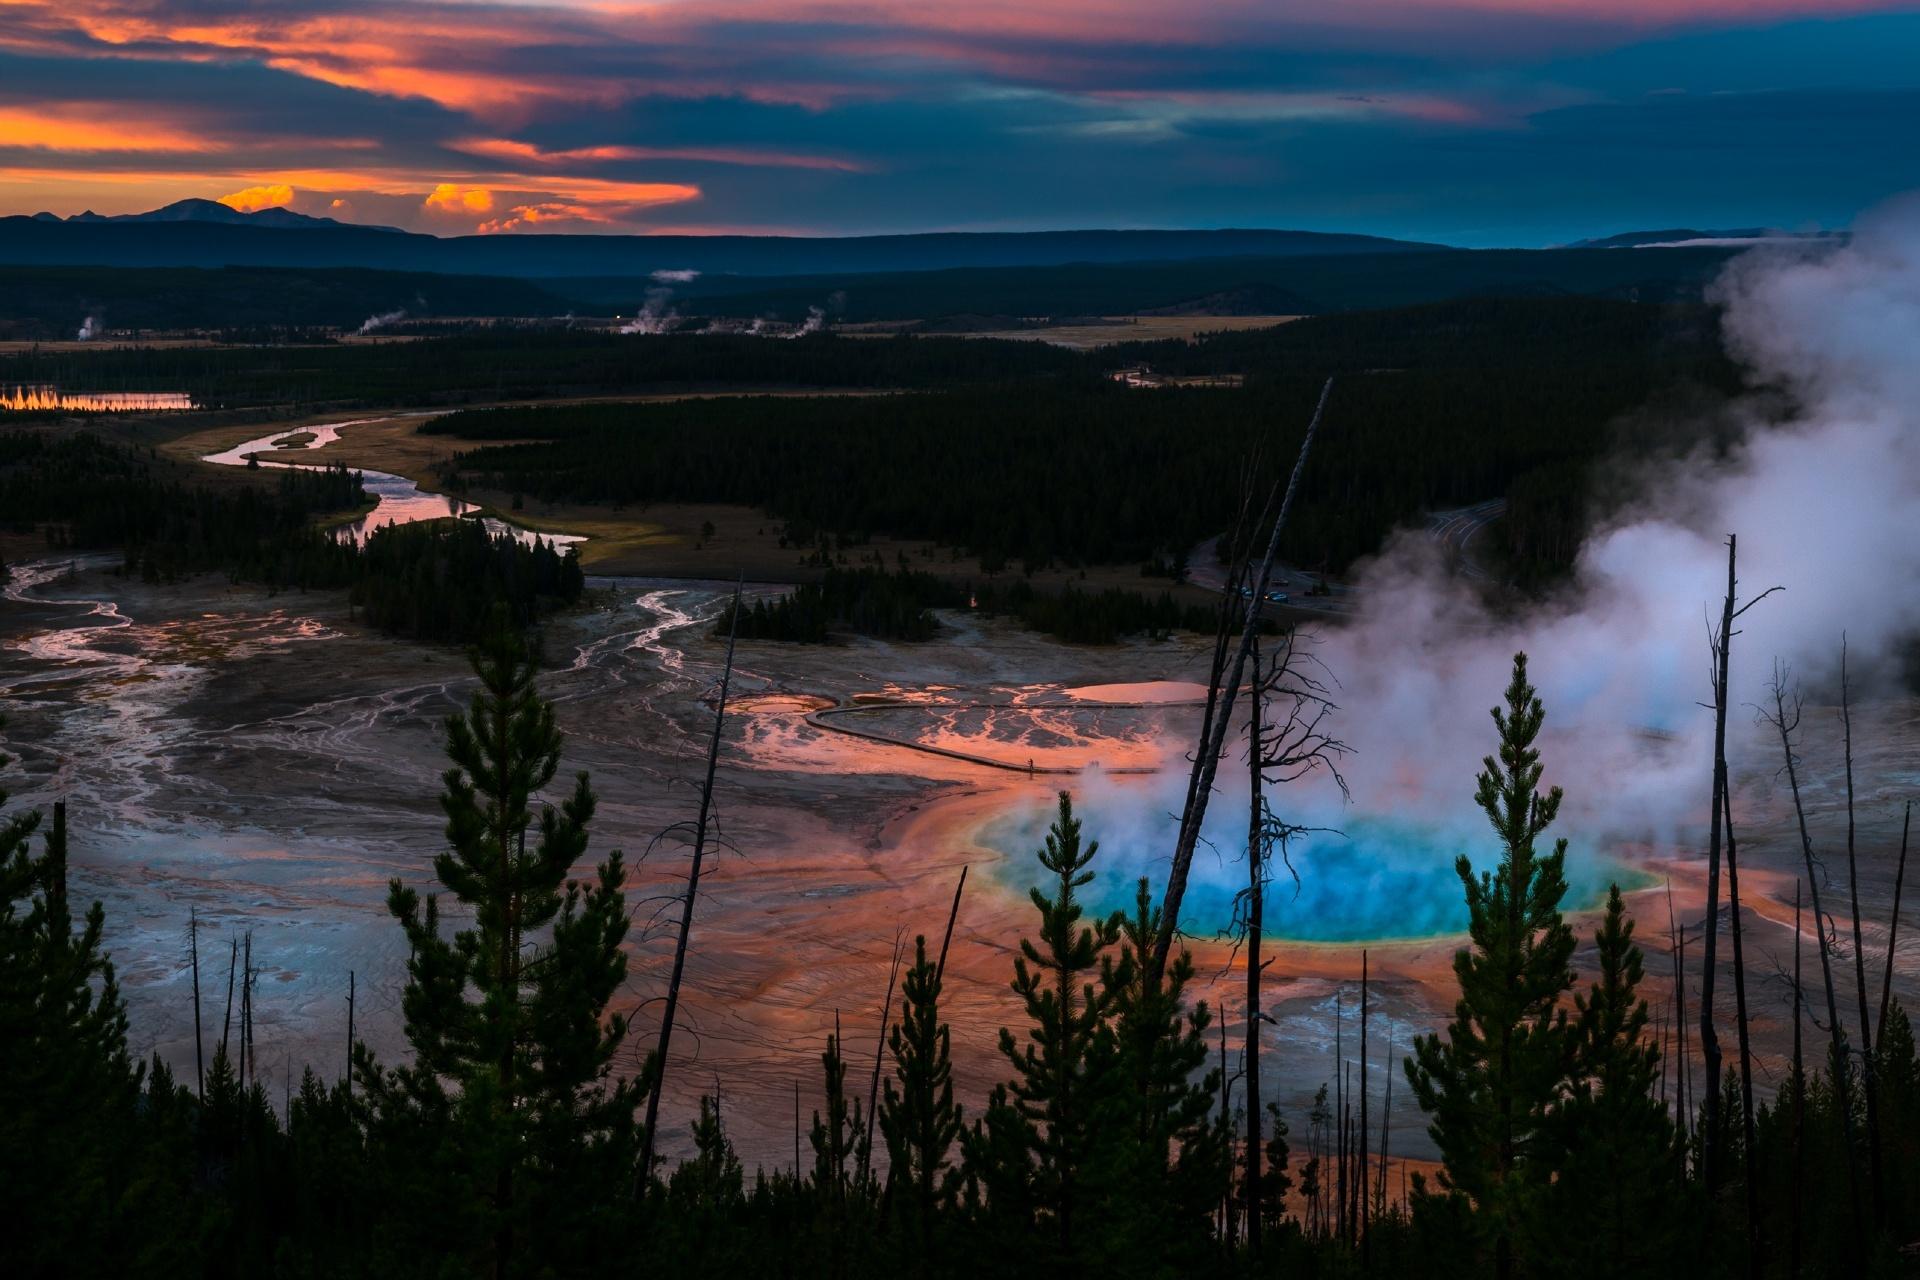 日没後のグランド・プリズマティック・スプリング アメリカ合衆国の風景